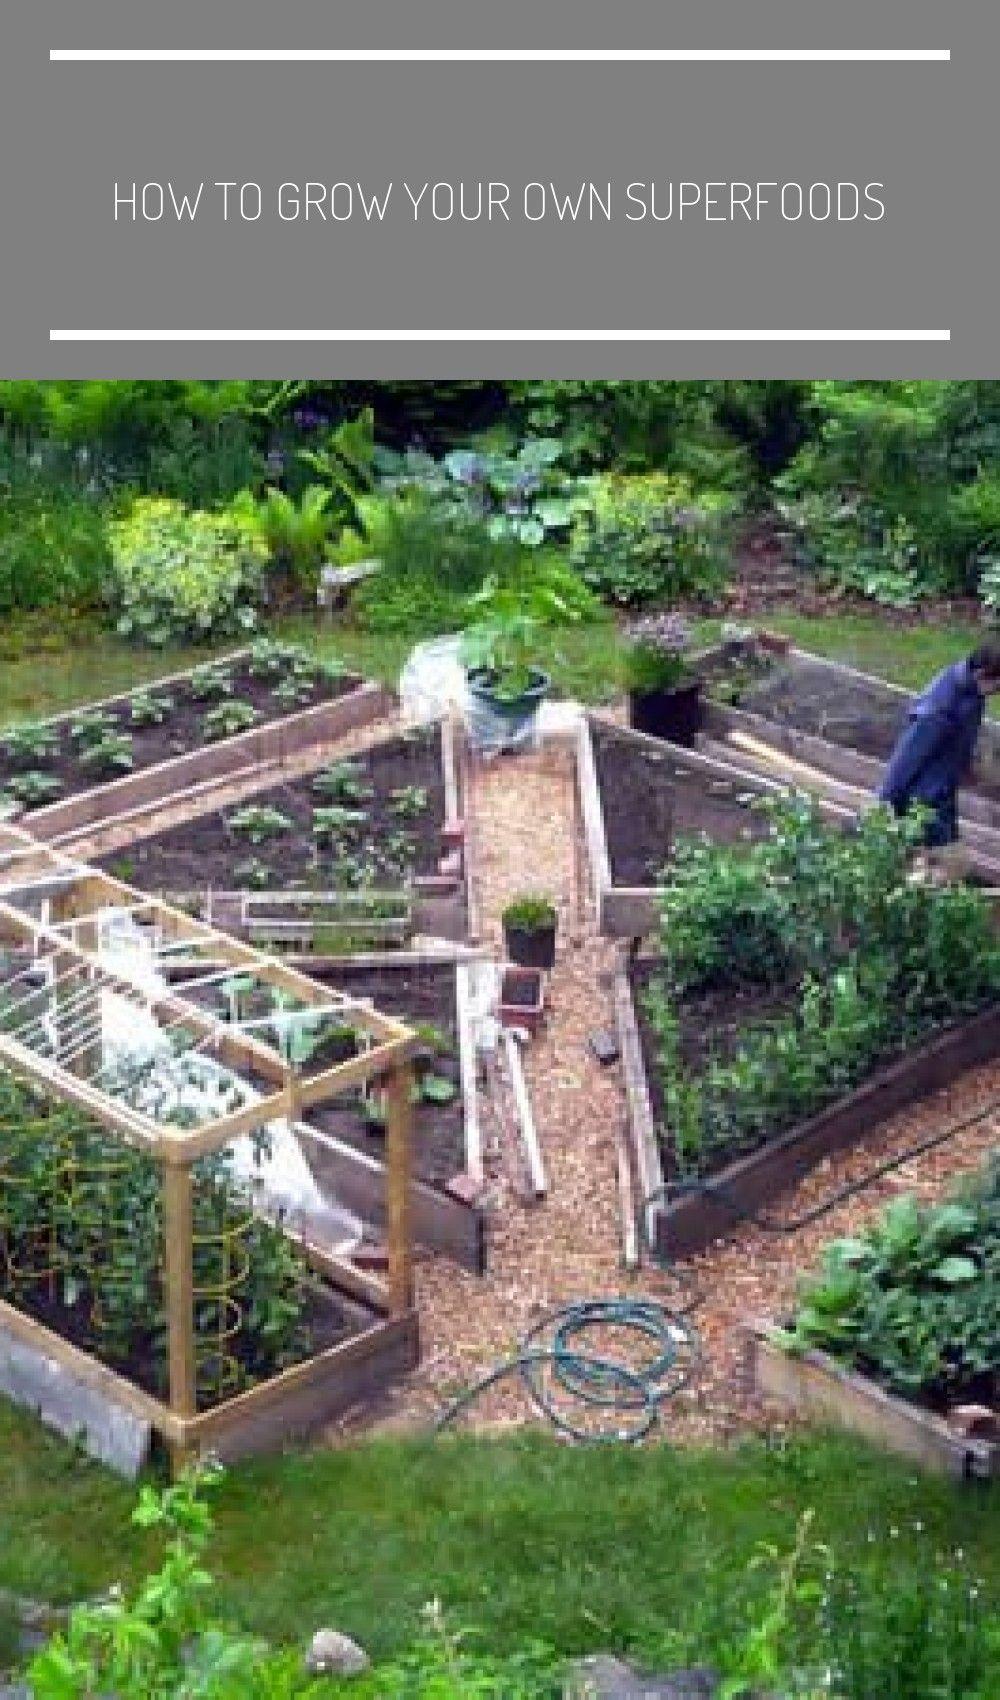 Garten Die Schonsten Gemusegarten Layout Garden Plan How To Grow Your Own Superfoods Garden Terrarium Garden Design Kitchen Garden Backyard garden grow your own